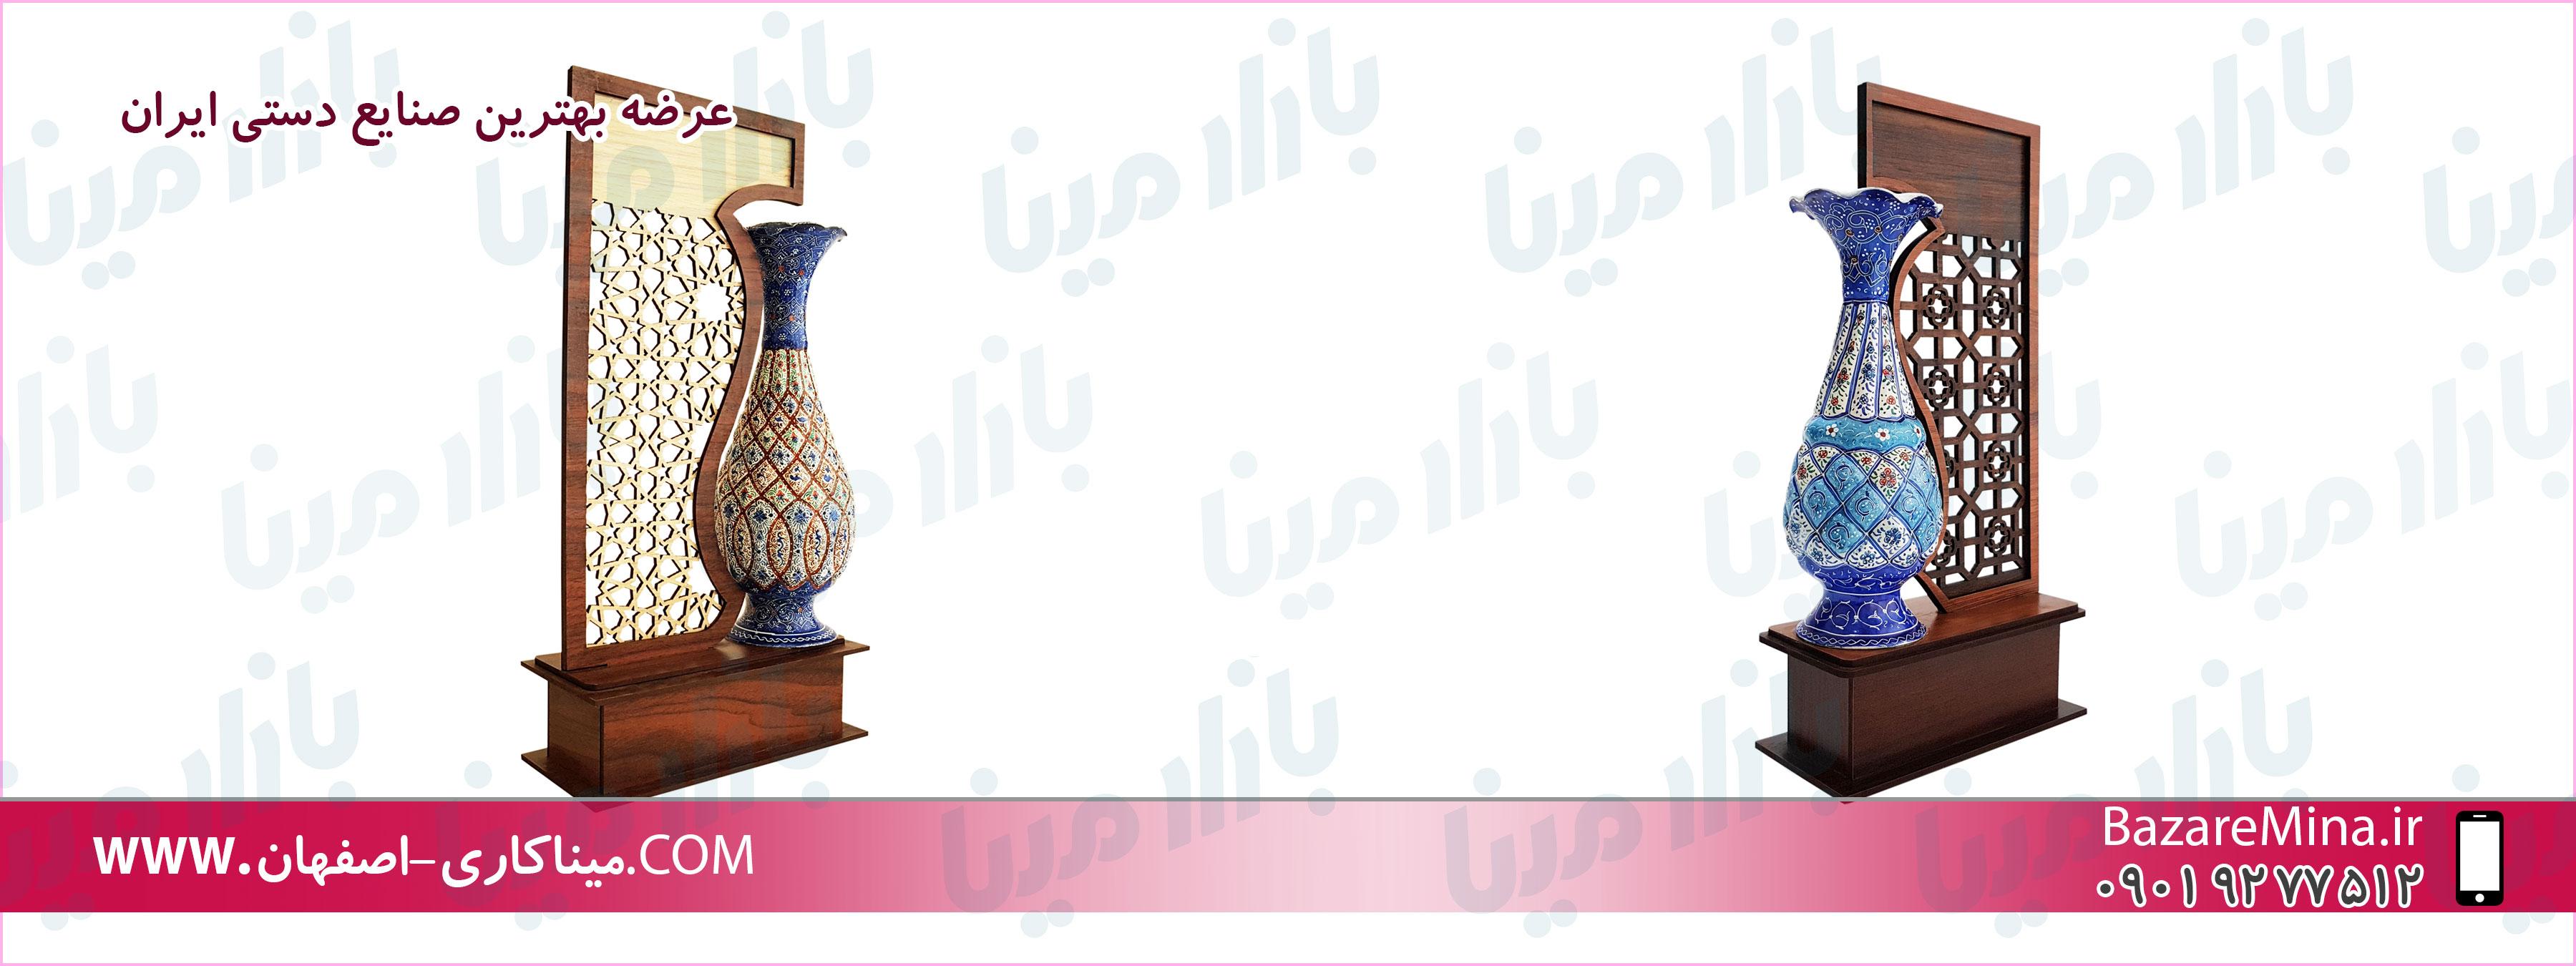 گلدان مینا کاری اصفهان